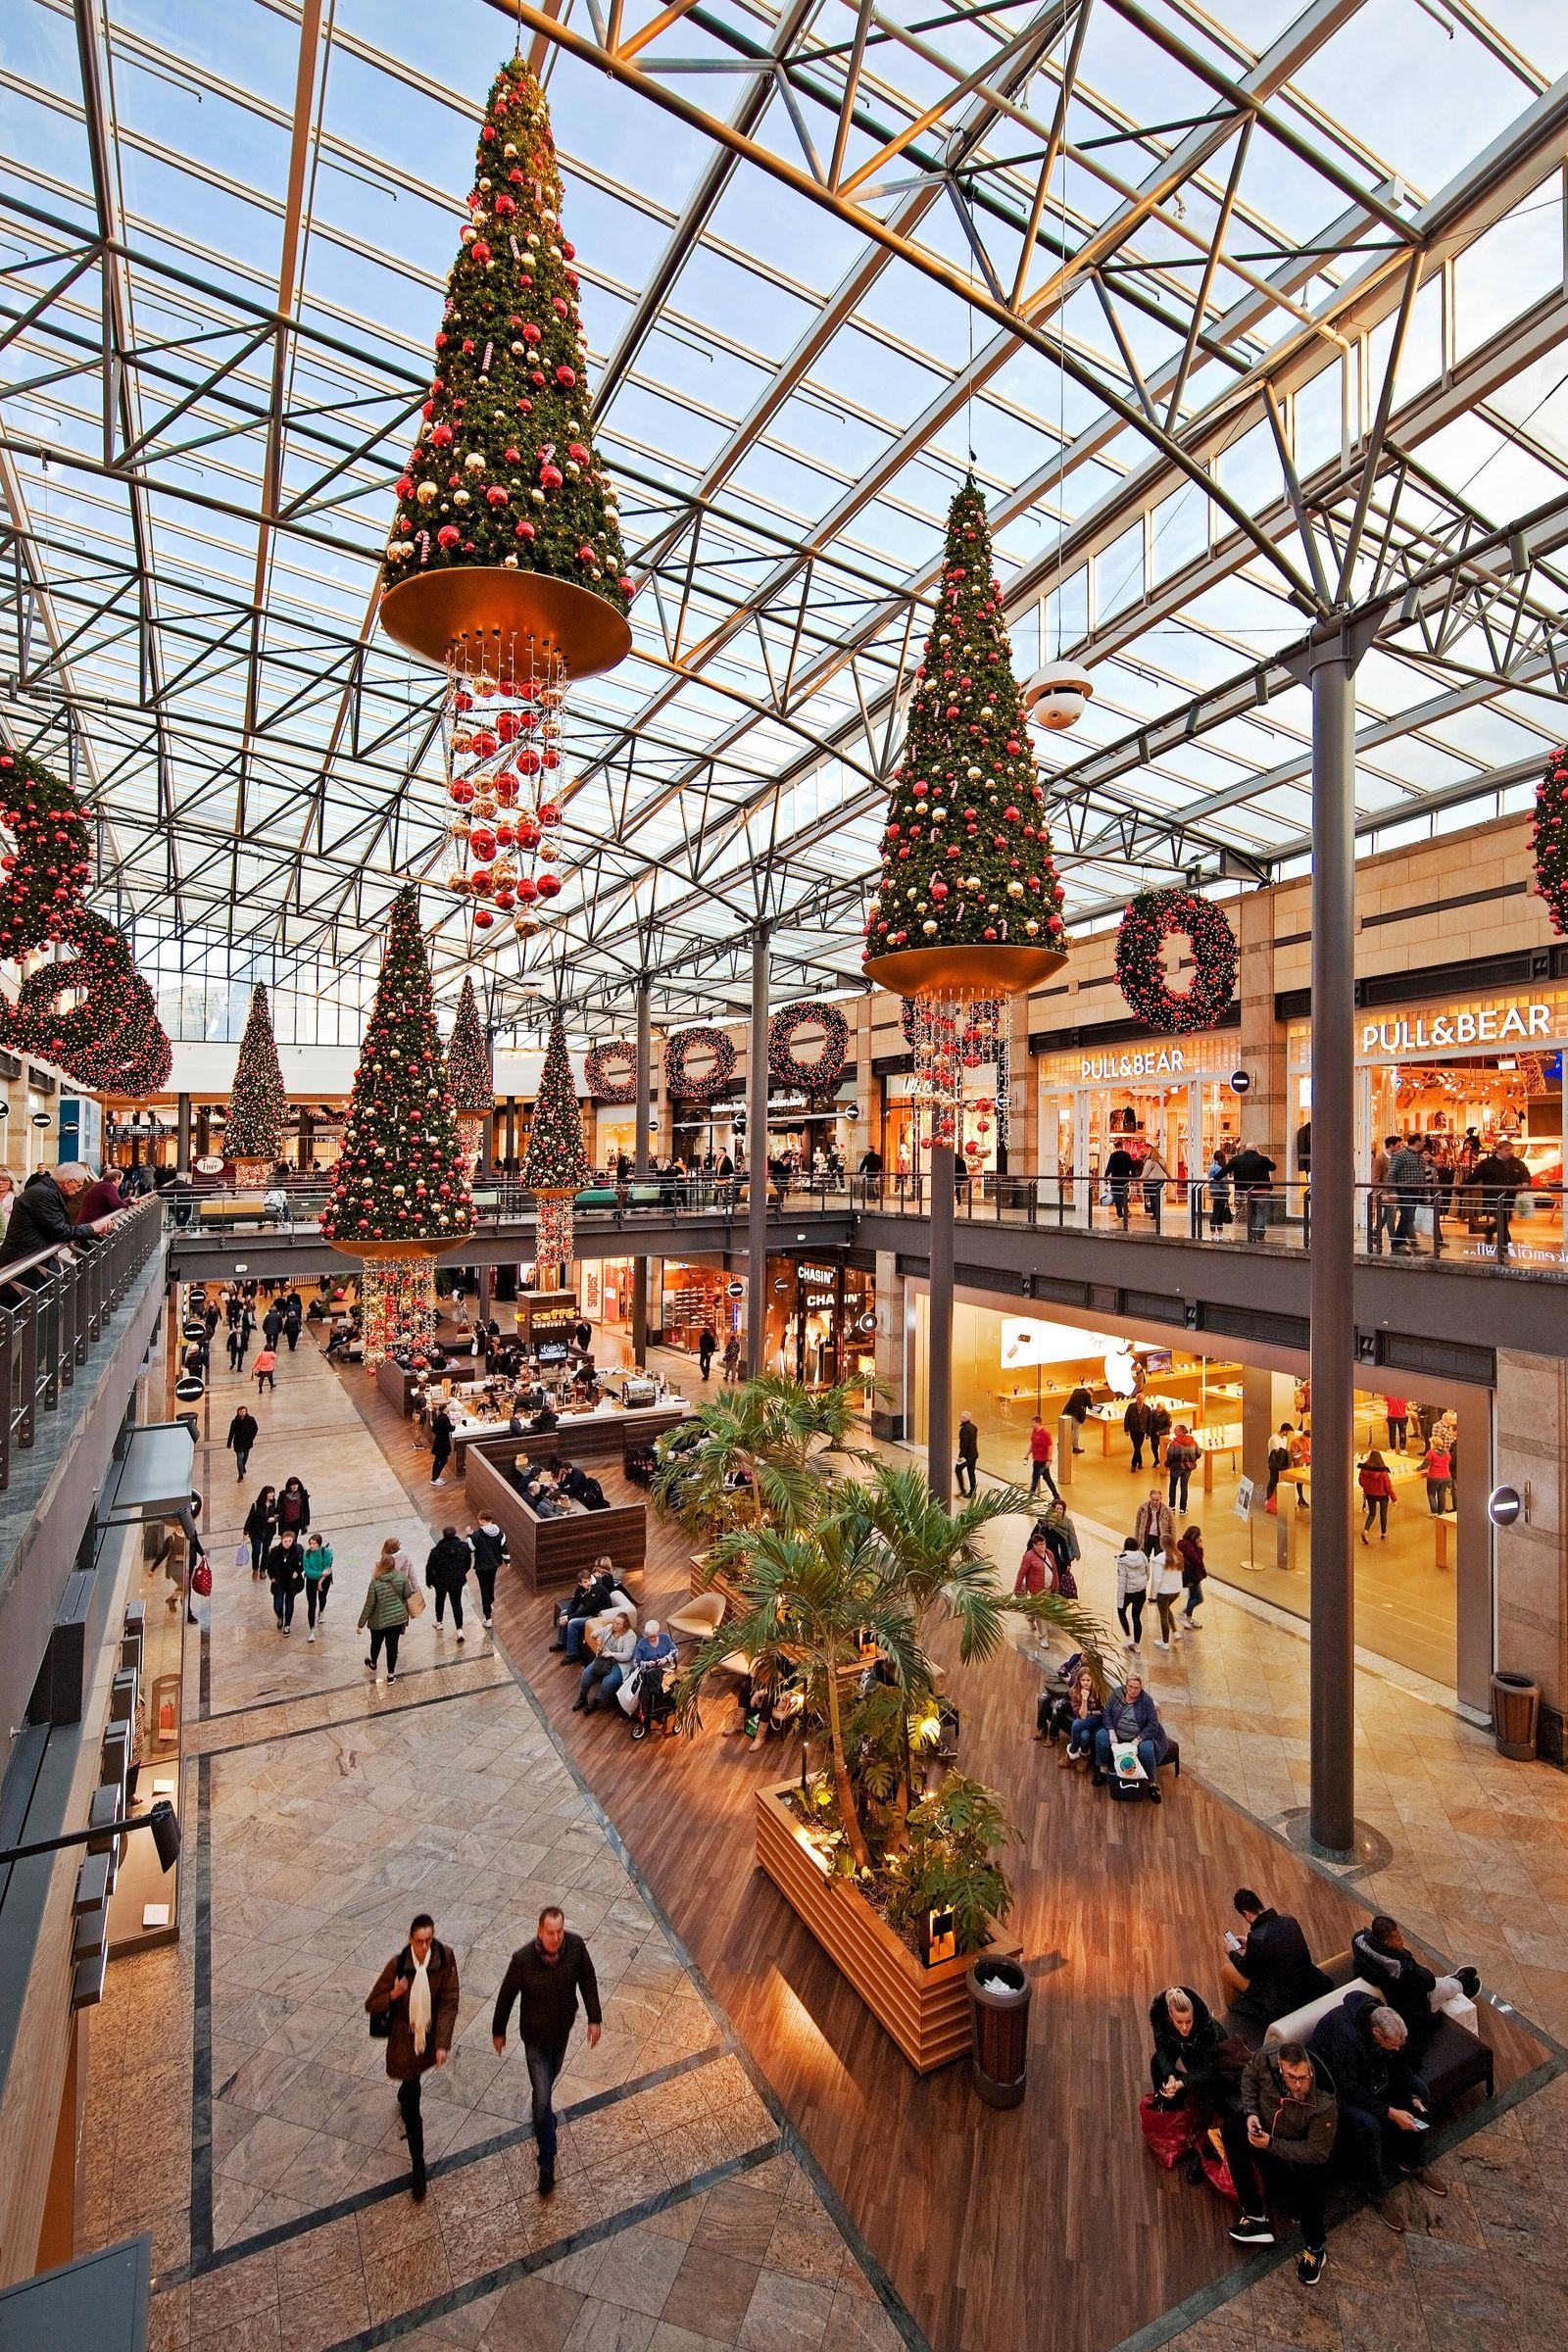 Einkaufszentrum CentrO zur Weihnachtszeit, Deutschland, Nordrhein-Westfalen, Ruhrgebiet, Oberhausen shopping mall Centr